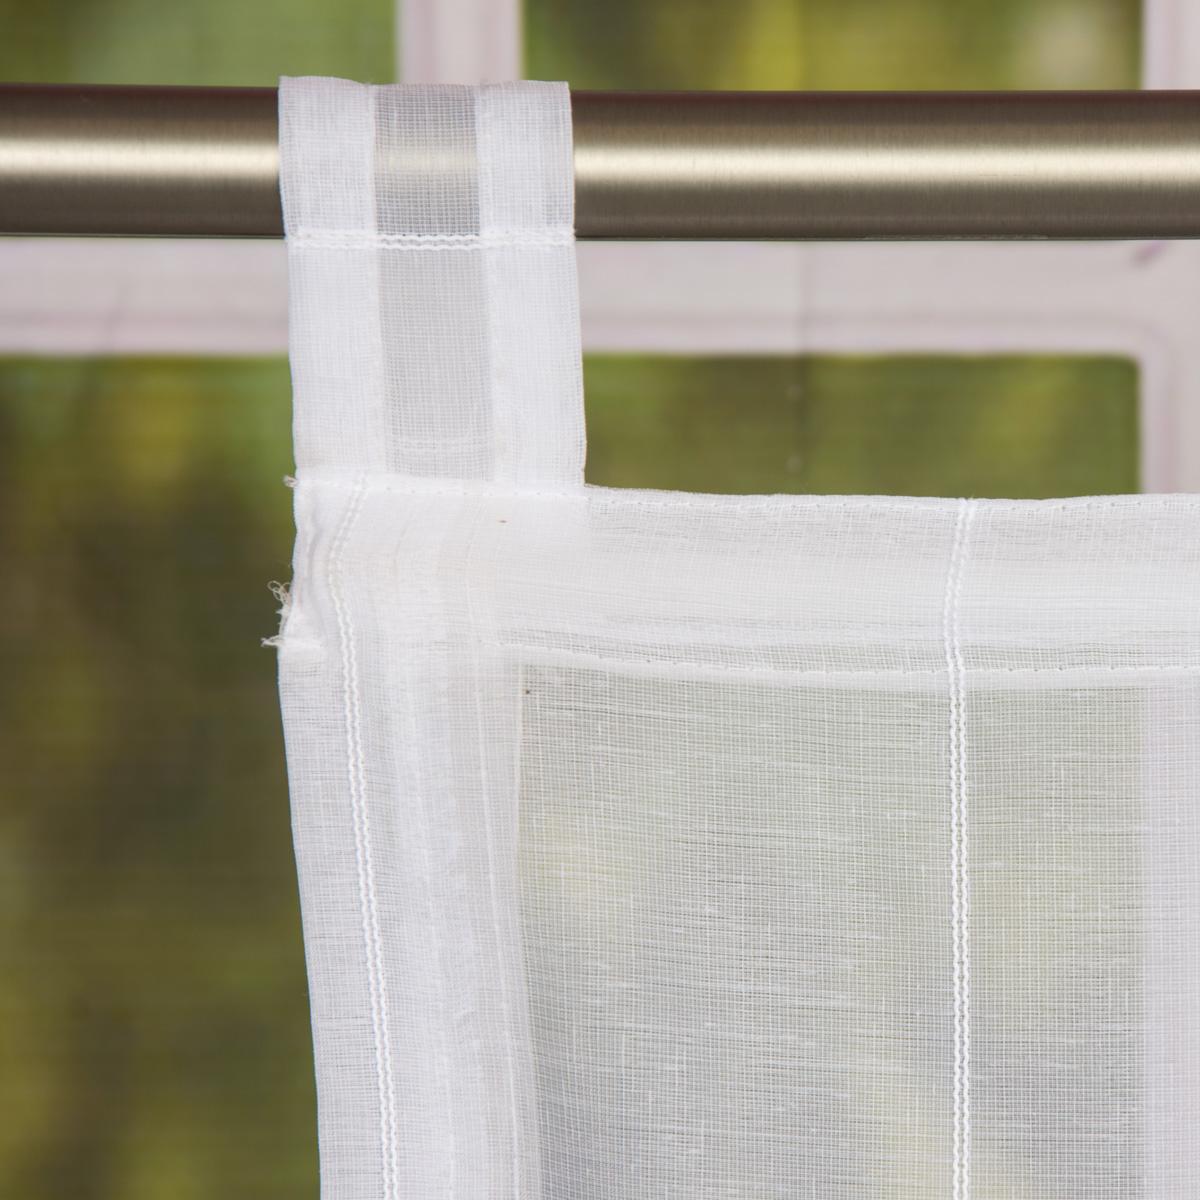 Raffrollo Rollo Schlaufen weiß transparent mit Streifen 80x140cm | eBay